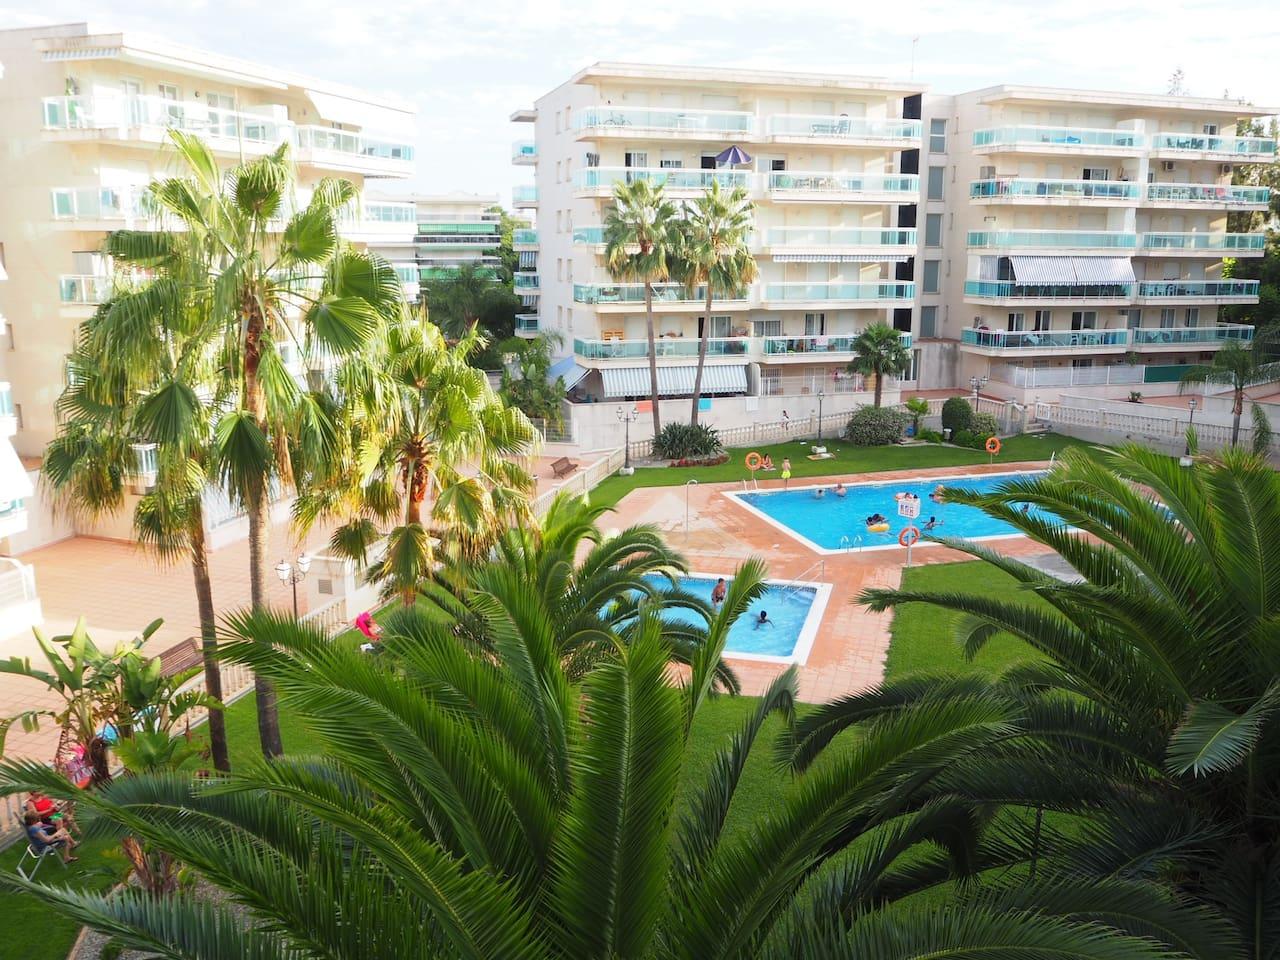 Vistas desde la terraza del apartamento a las piscinas comunitarias.